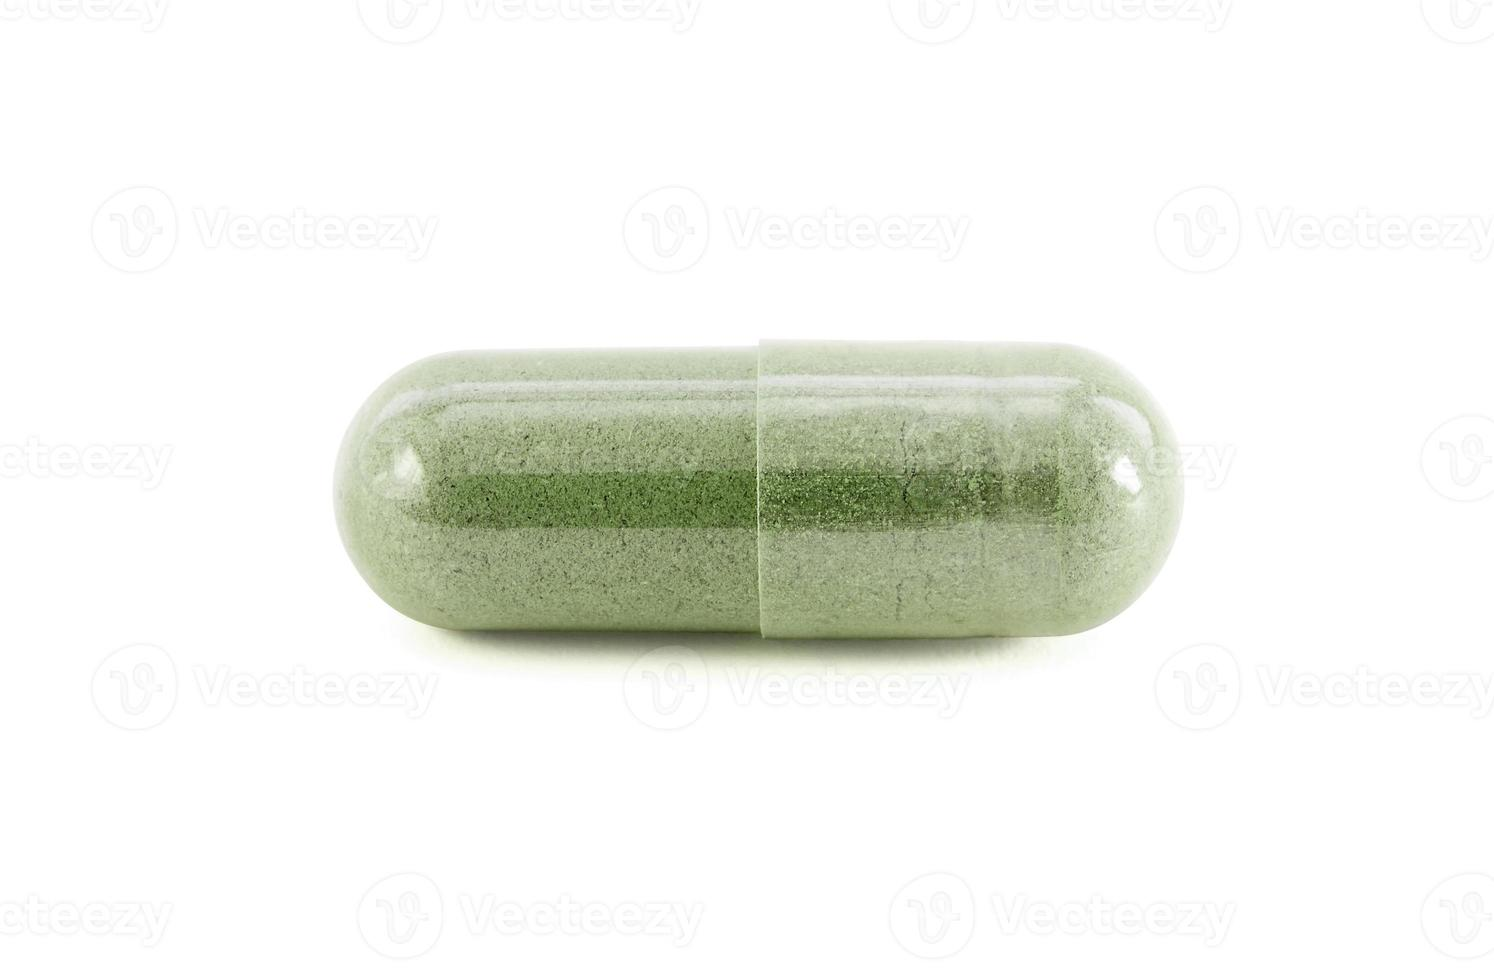 kapsel av grön växtbaserade tilläggsprodukter isolerad på vitt foto